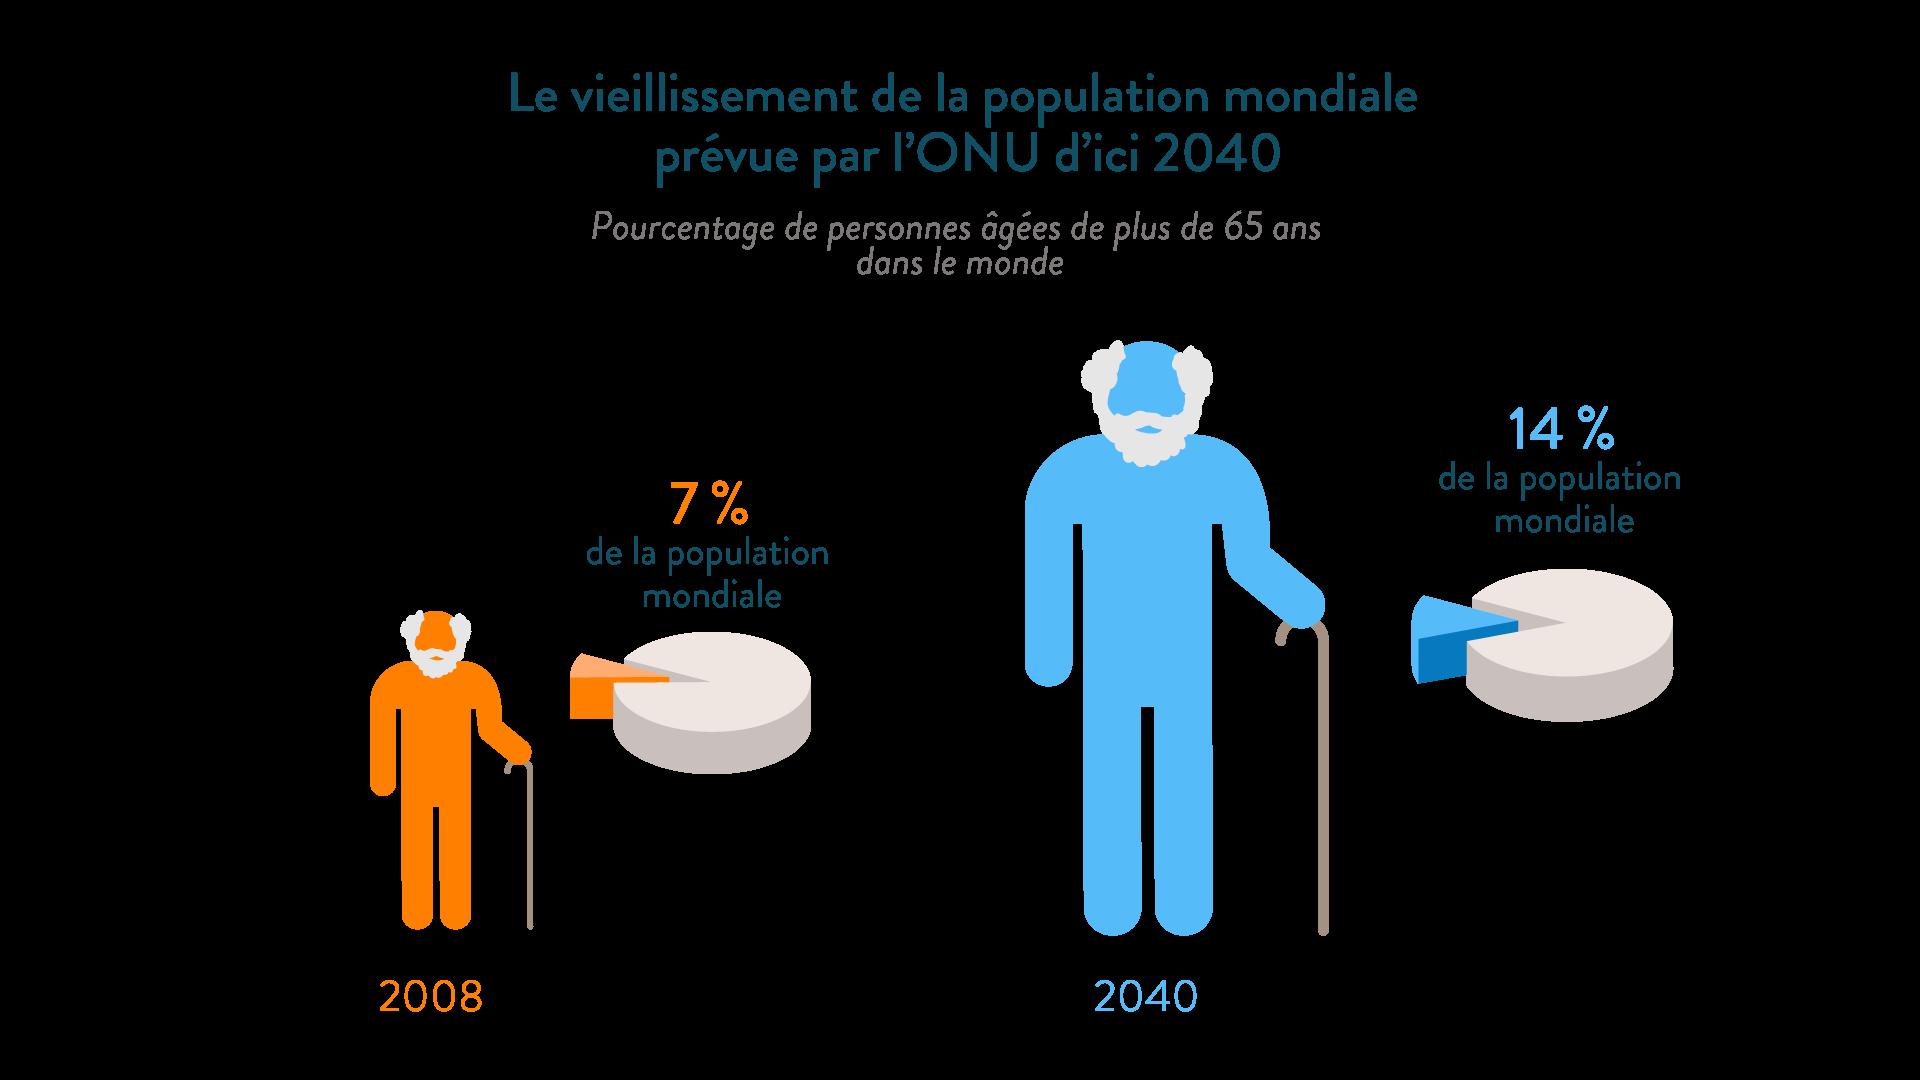 vieillissement de la population mondiale prévision ONU ses terminale